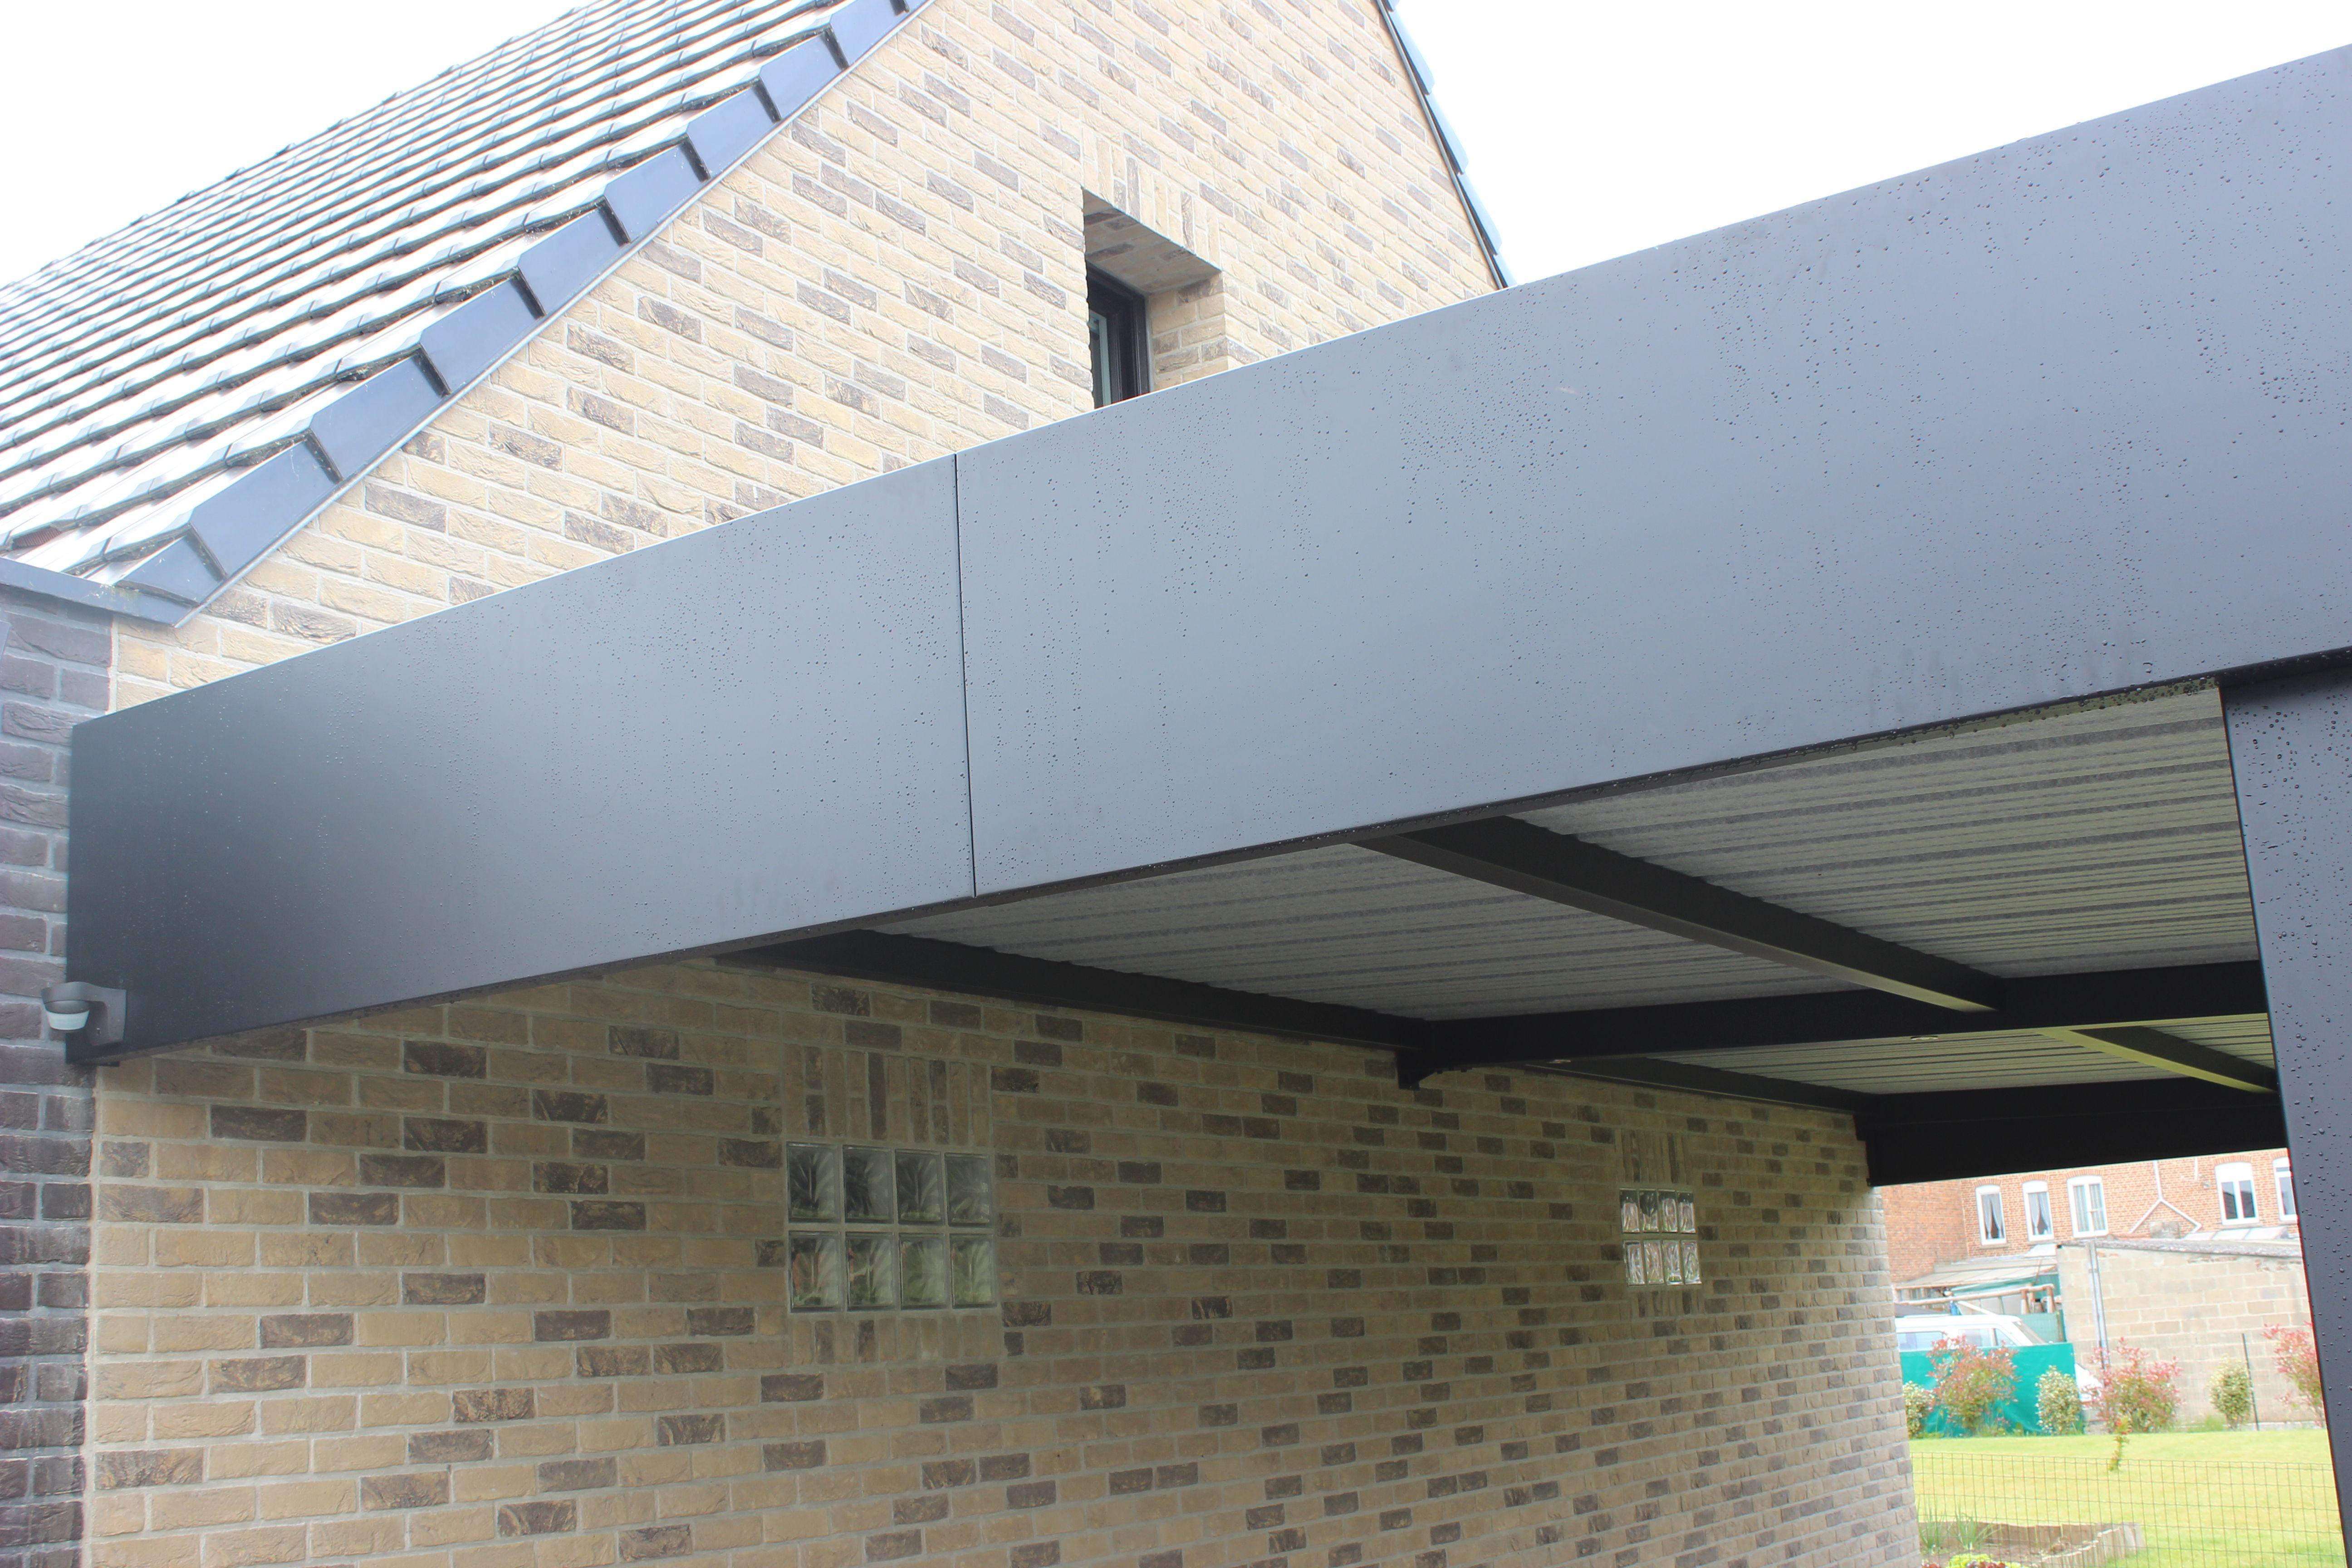 Finition bandeau lisse en tôle aluminium pour ce carport